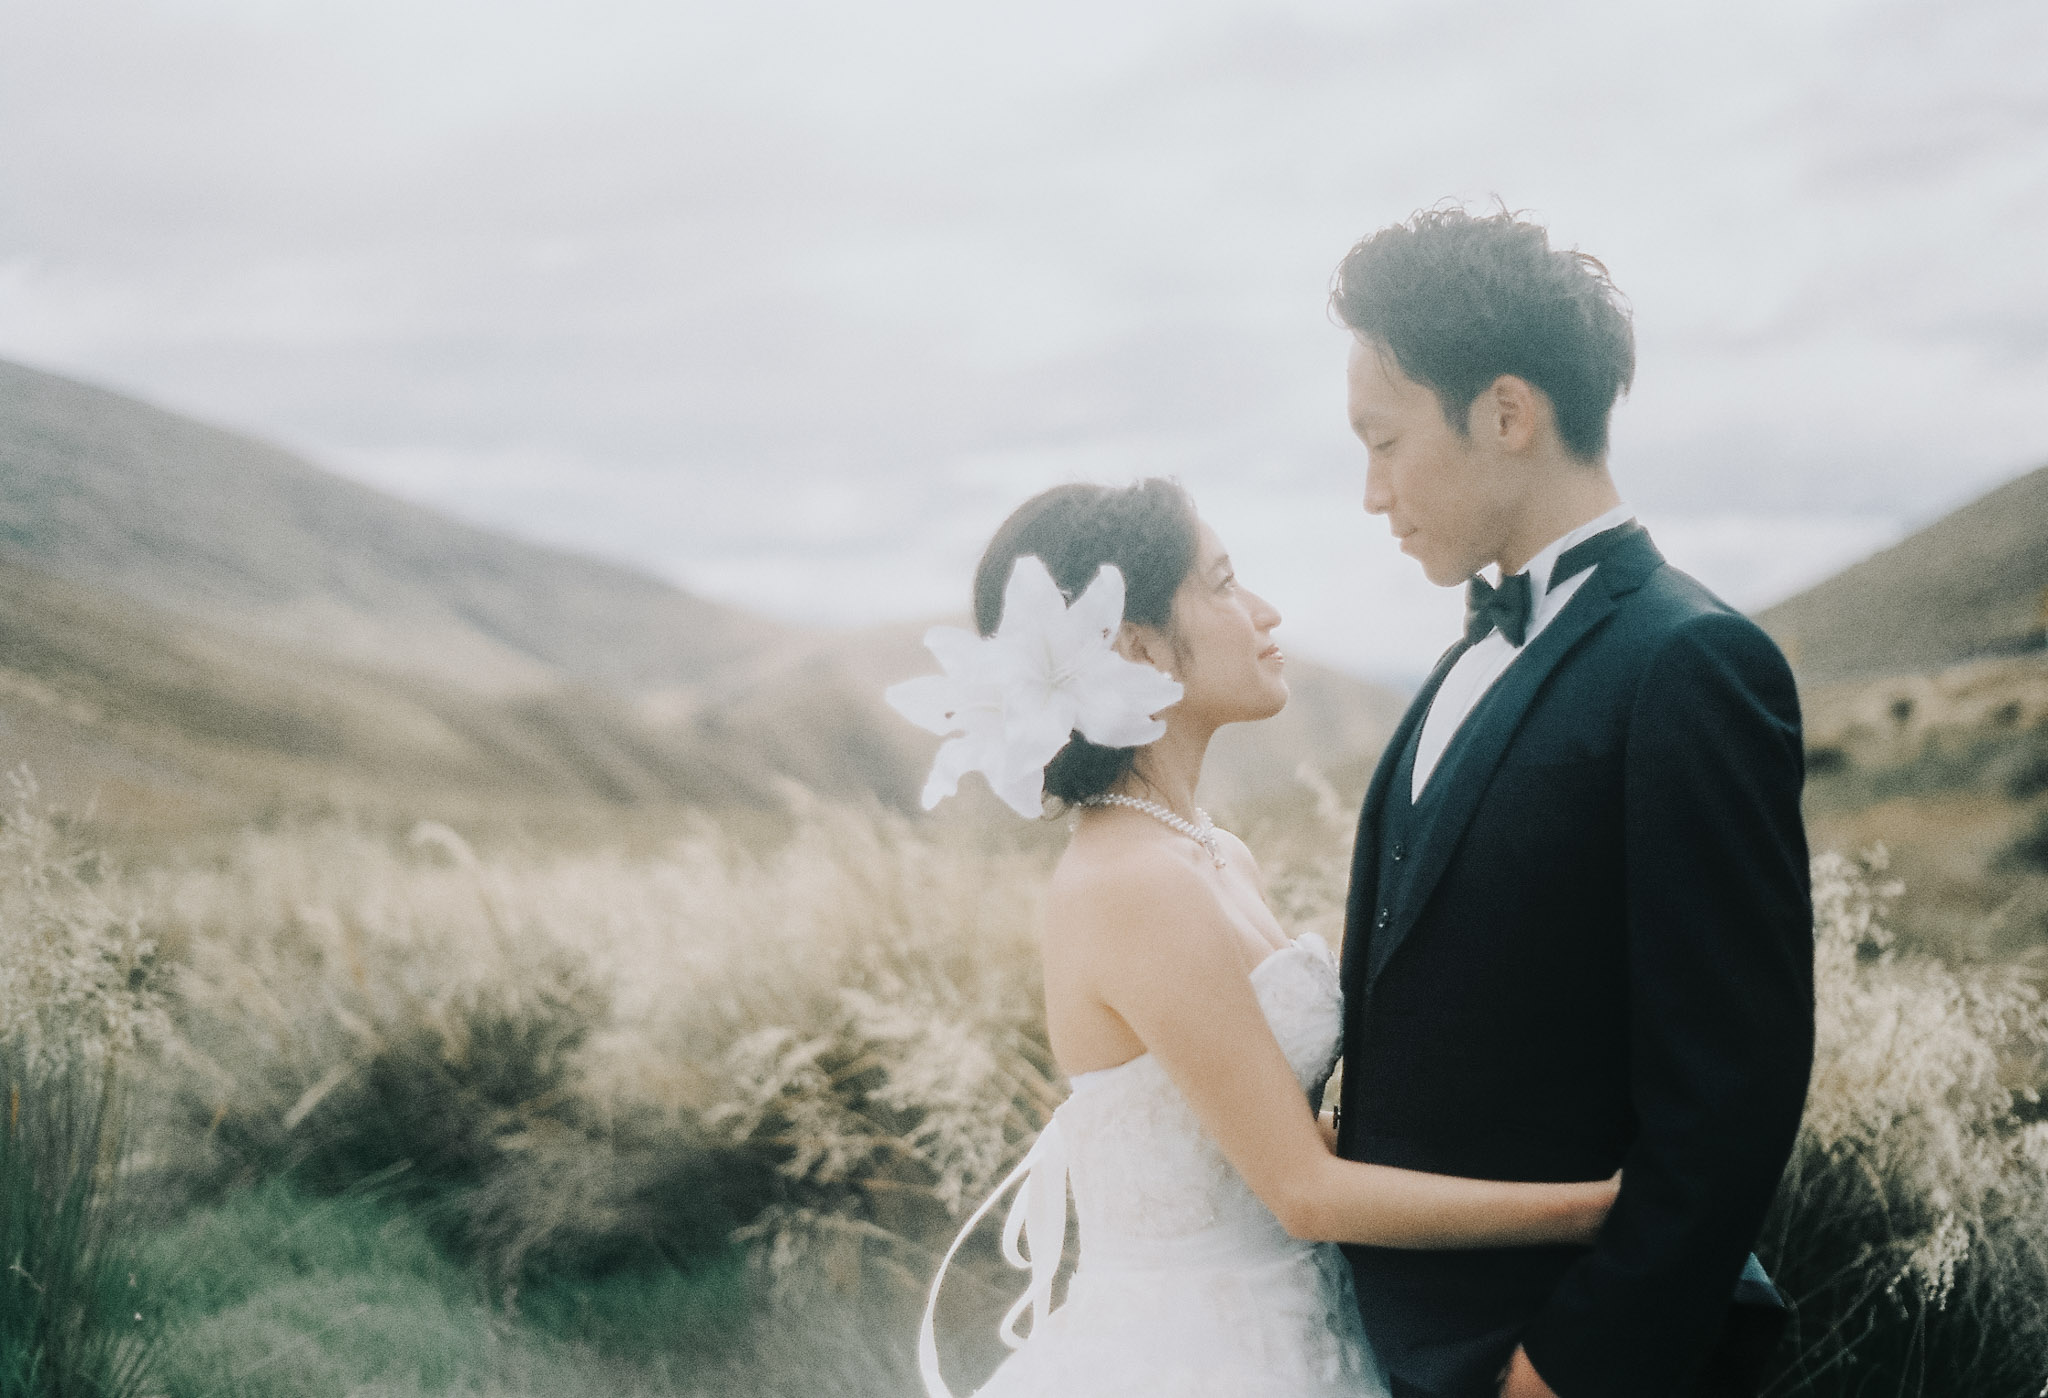 ニュージーランド フォト 結婚式 ウェディング 前撮り テカポ クイーンズタウン